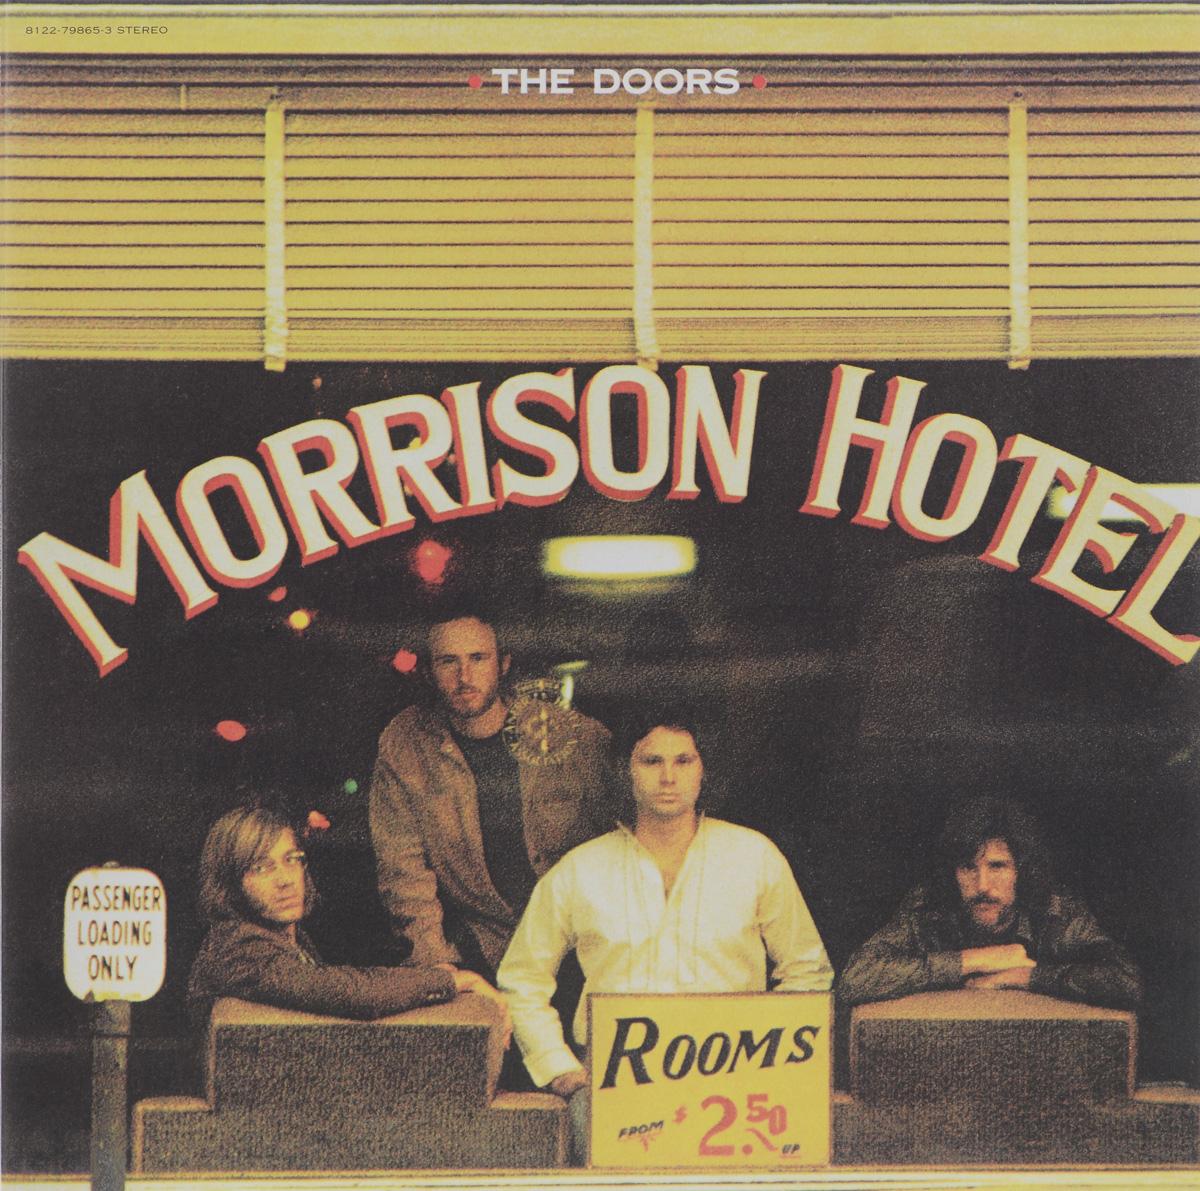 The Doors The Doors. Morrison Hotel (LP) the doors weird scenes inside the gold mine 2 lp